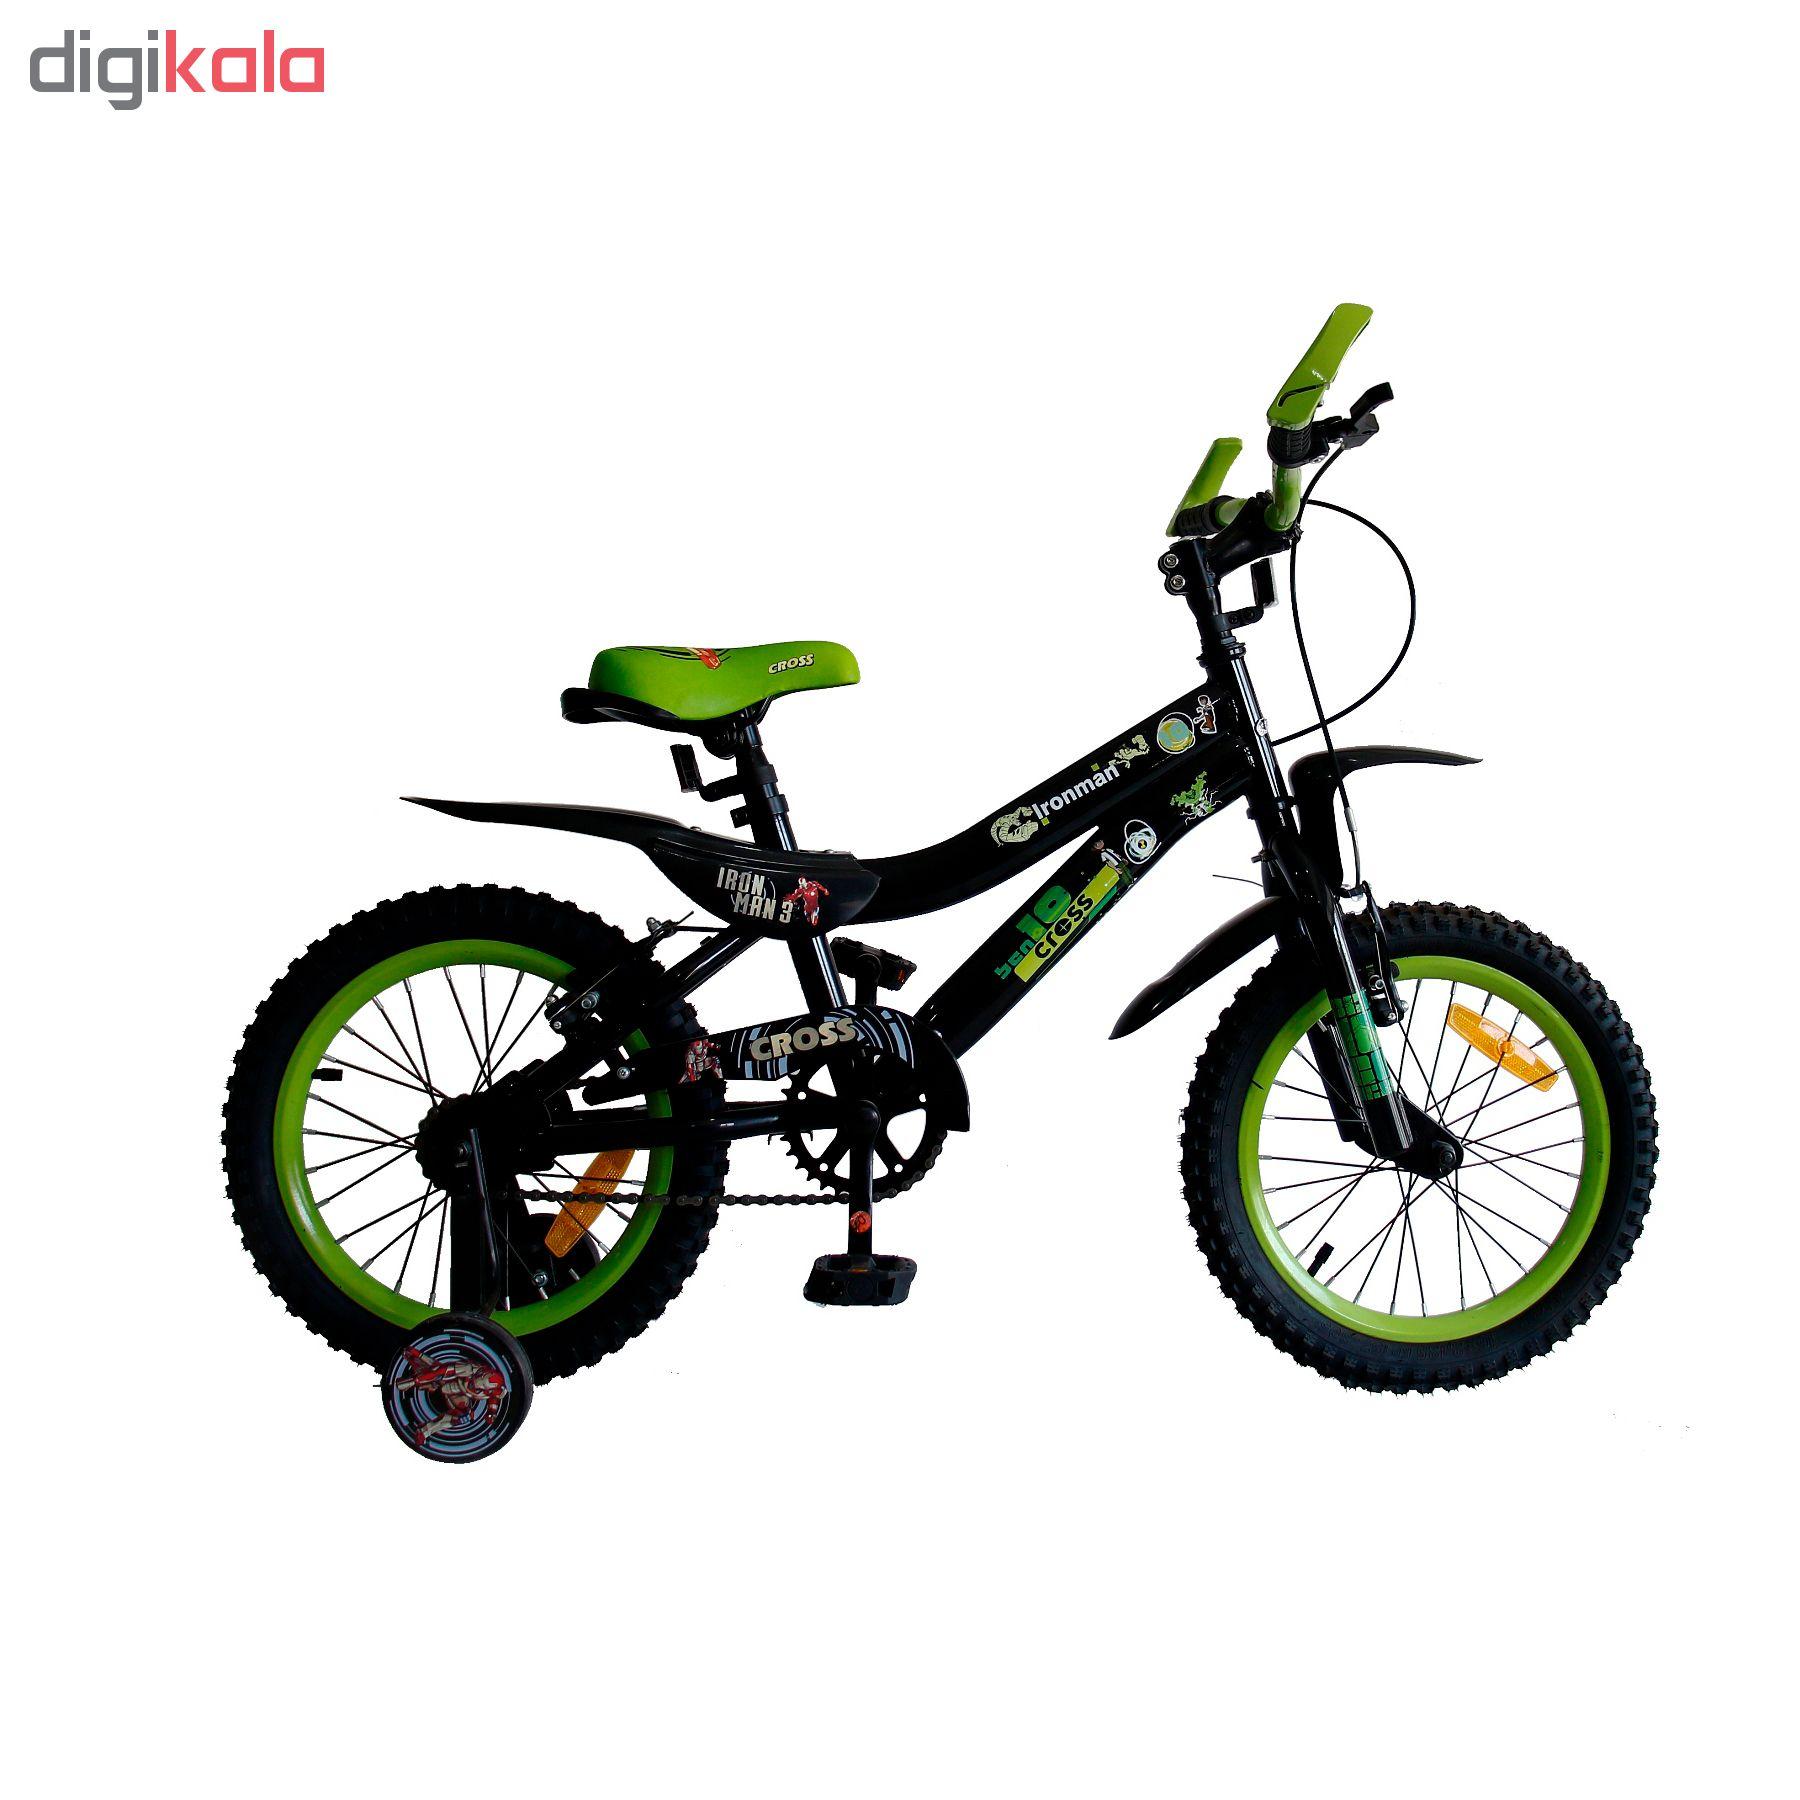 دوچرخه شهری کراس مدل IRONMAN سایز 16